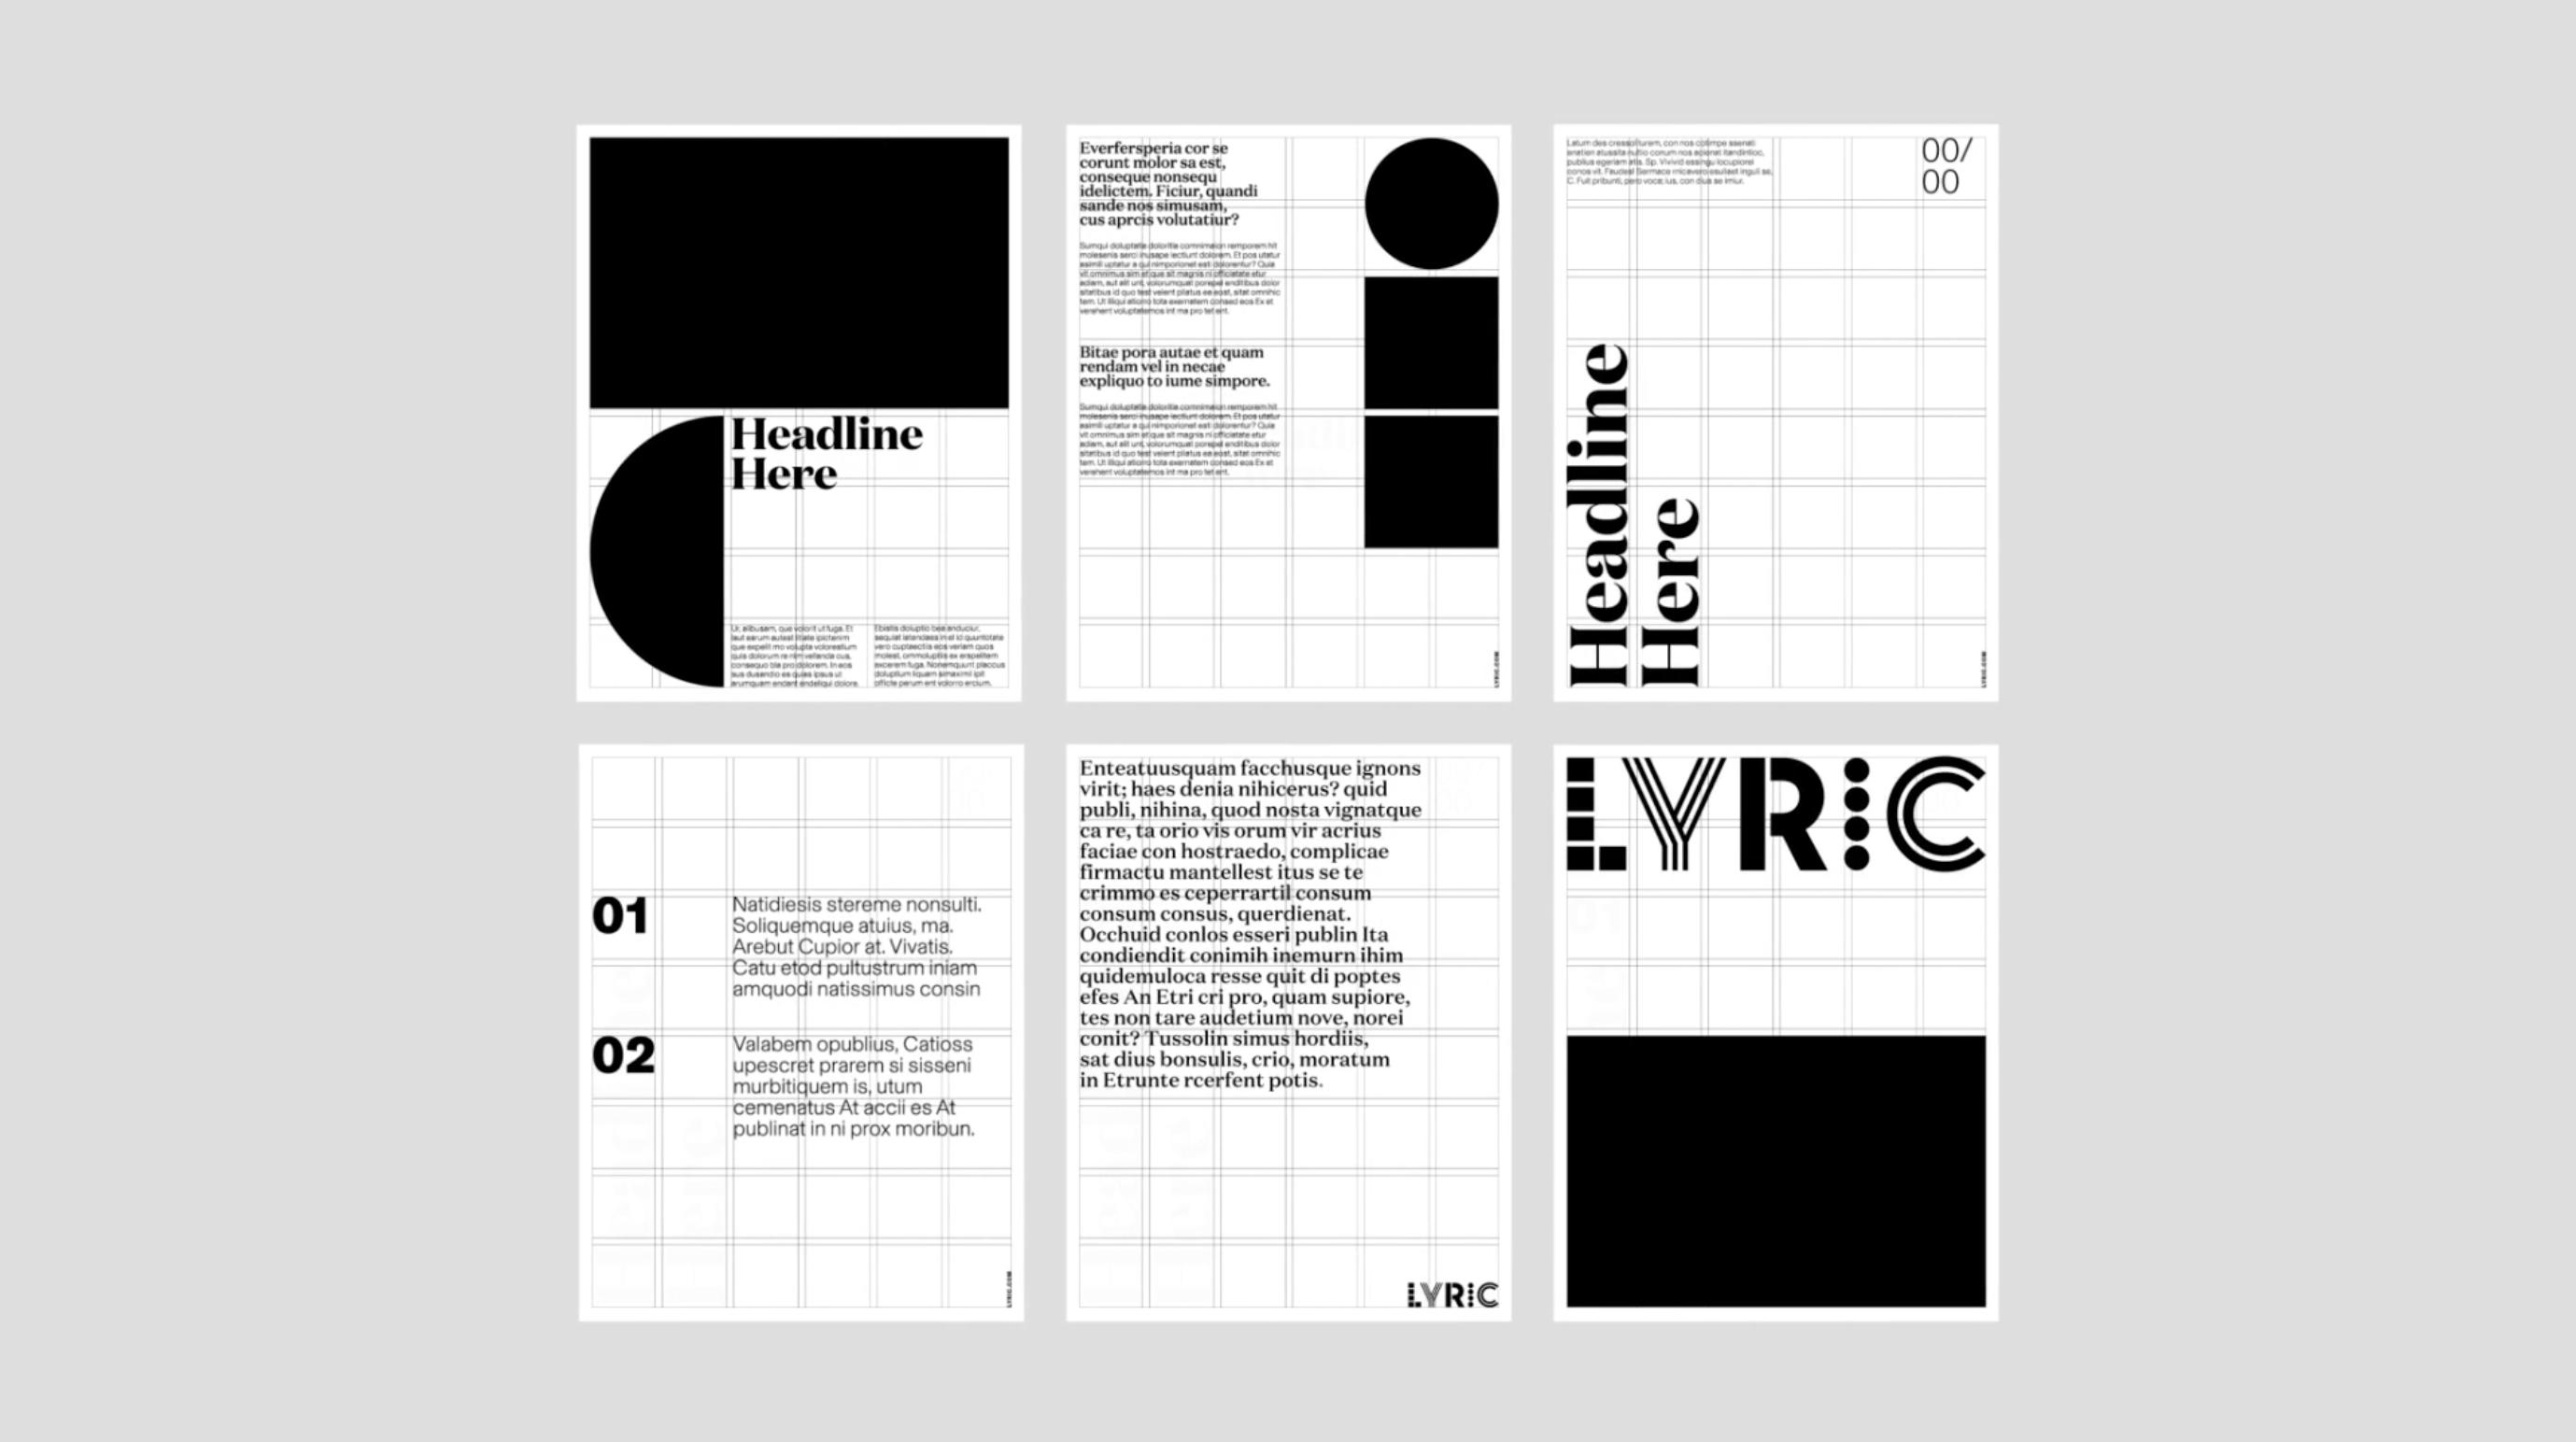 Lyric Layouts Lyrics Layout Text